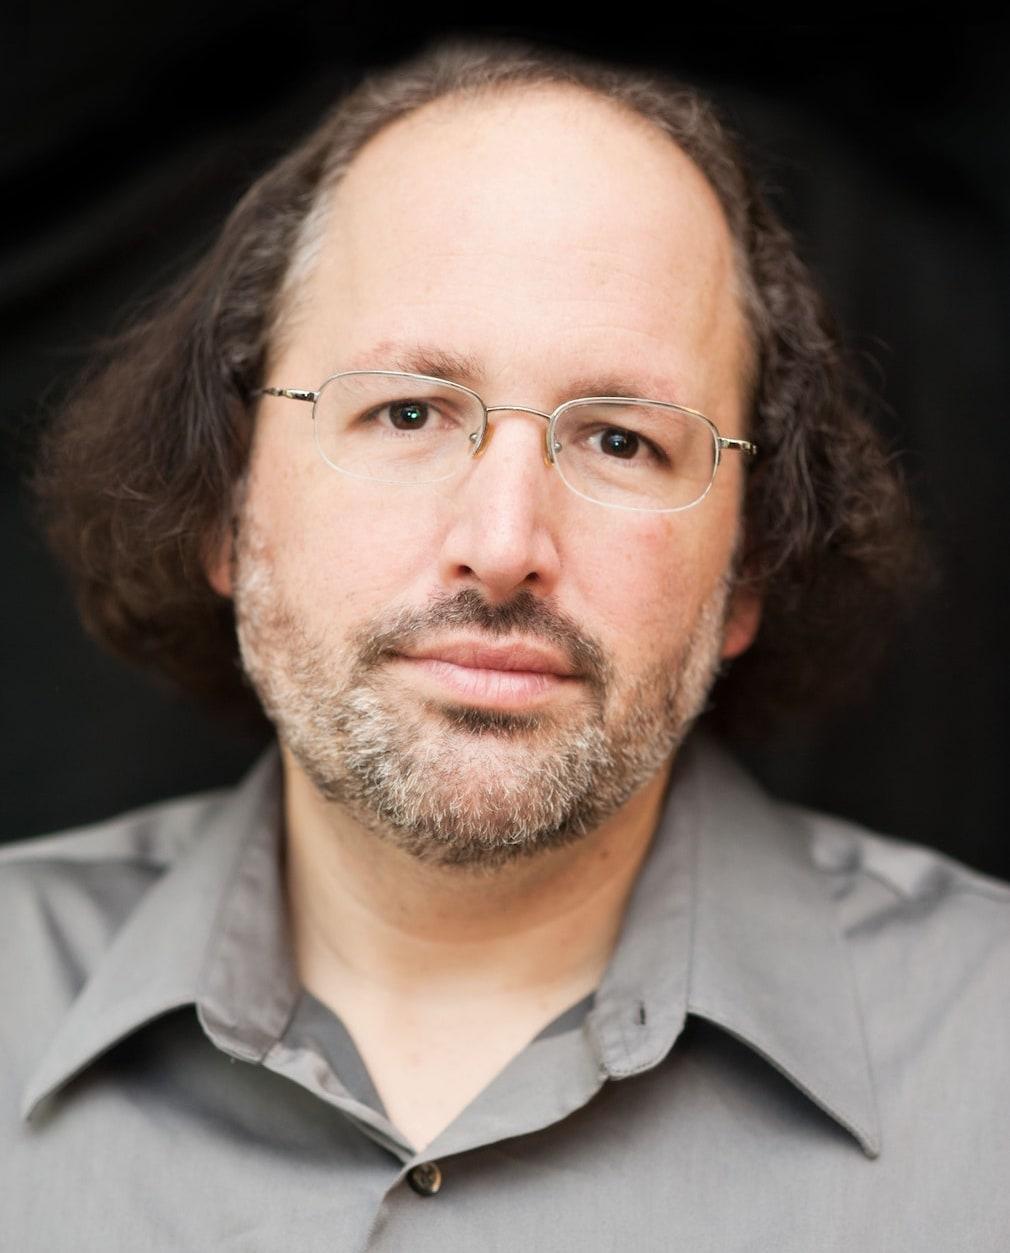 portrait photo of Jim